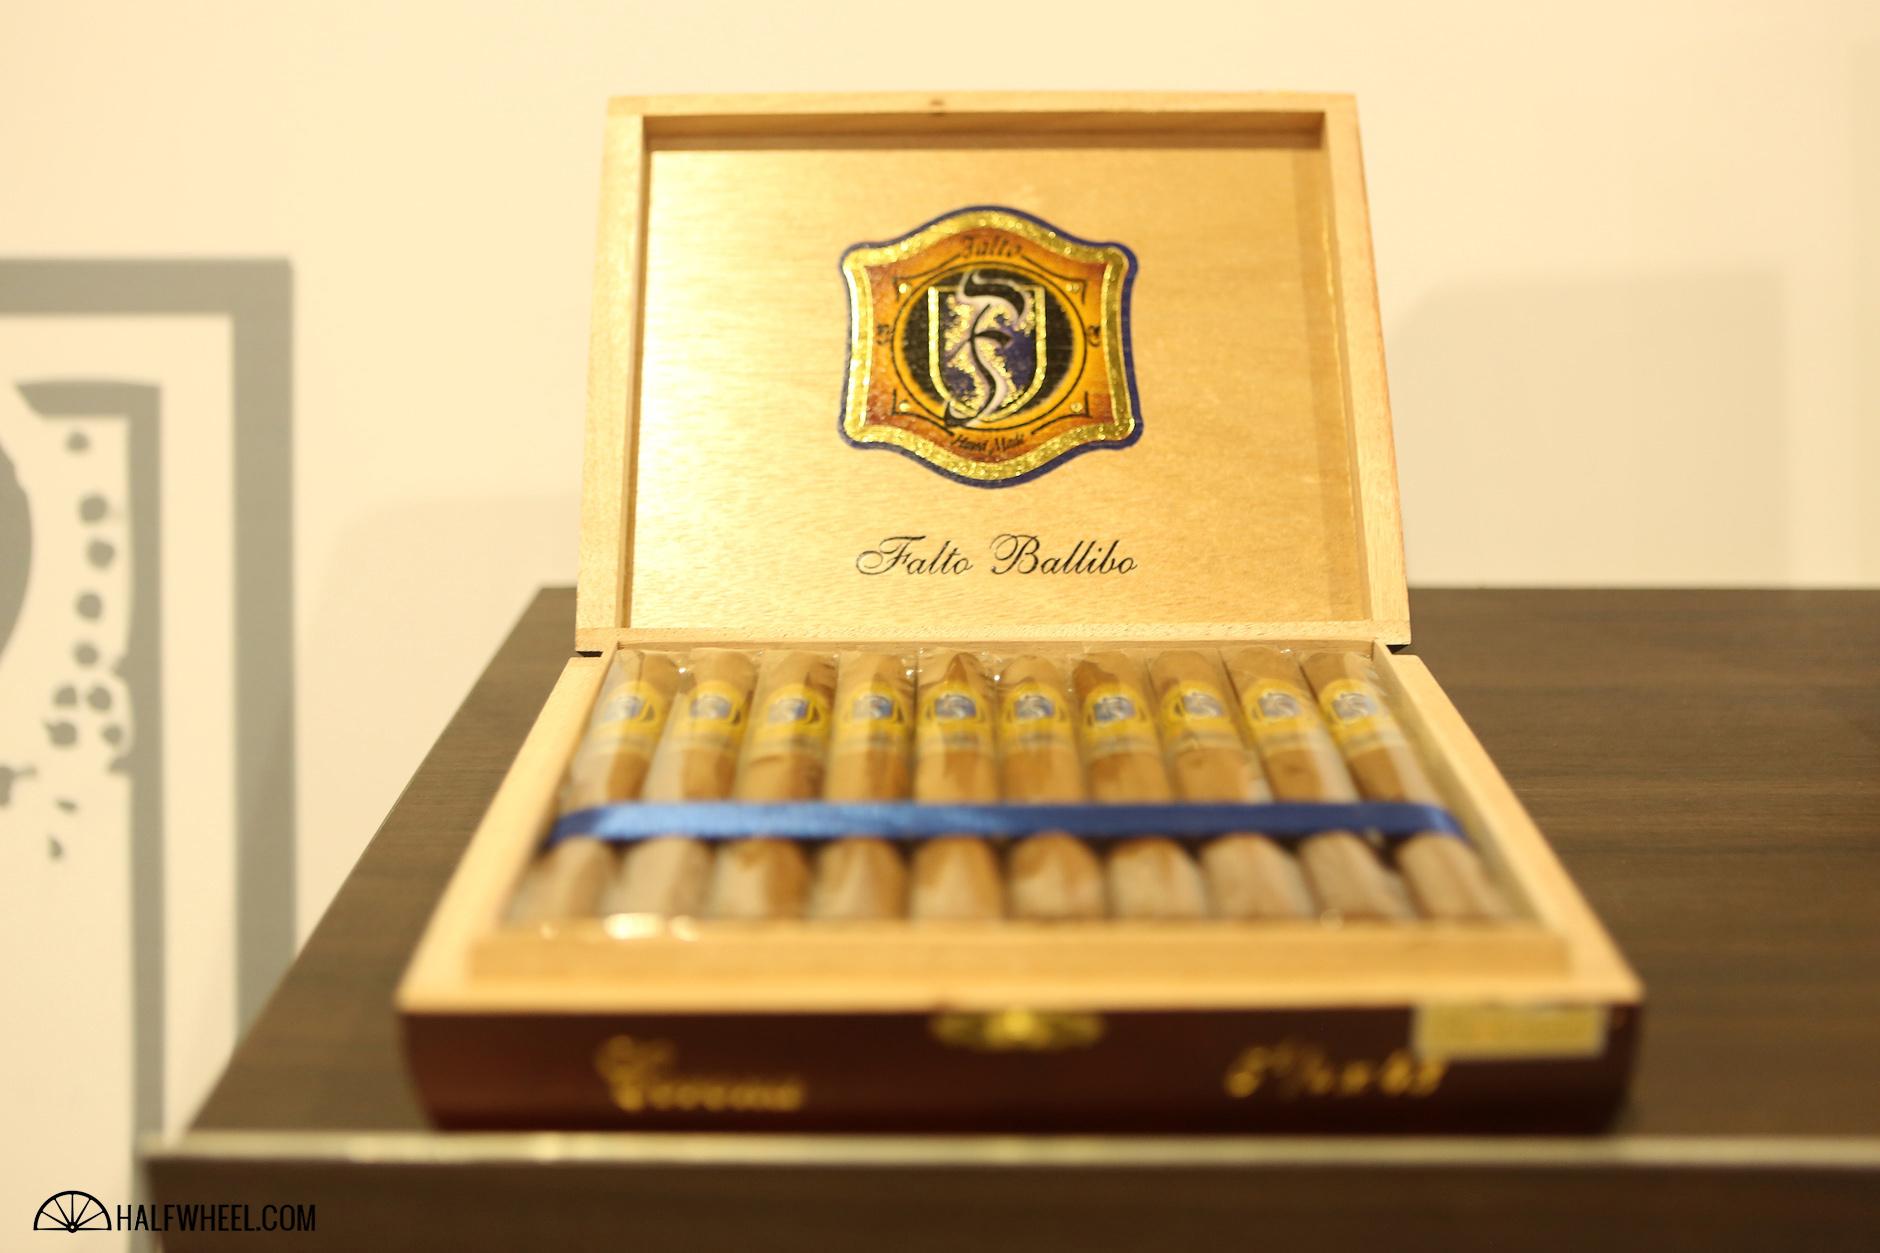 Falto Cigars Ballibo